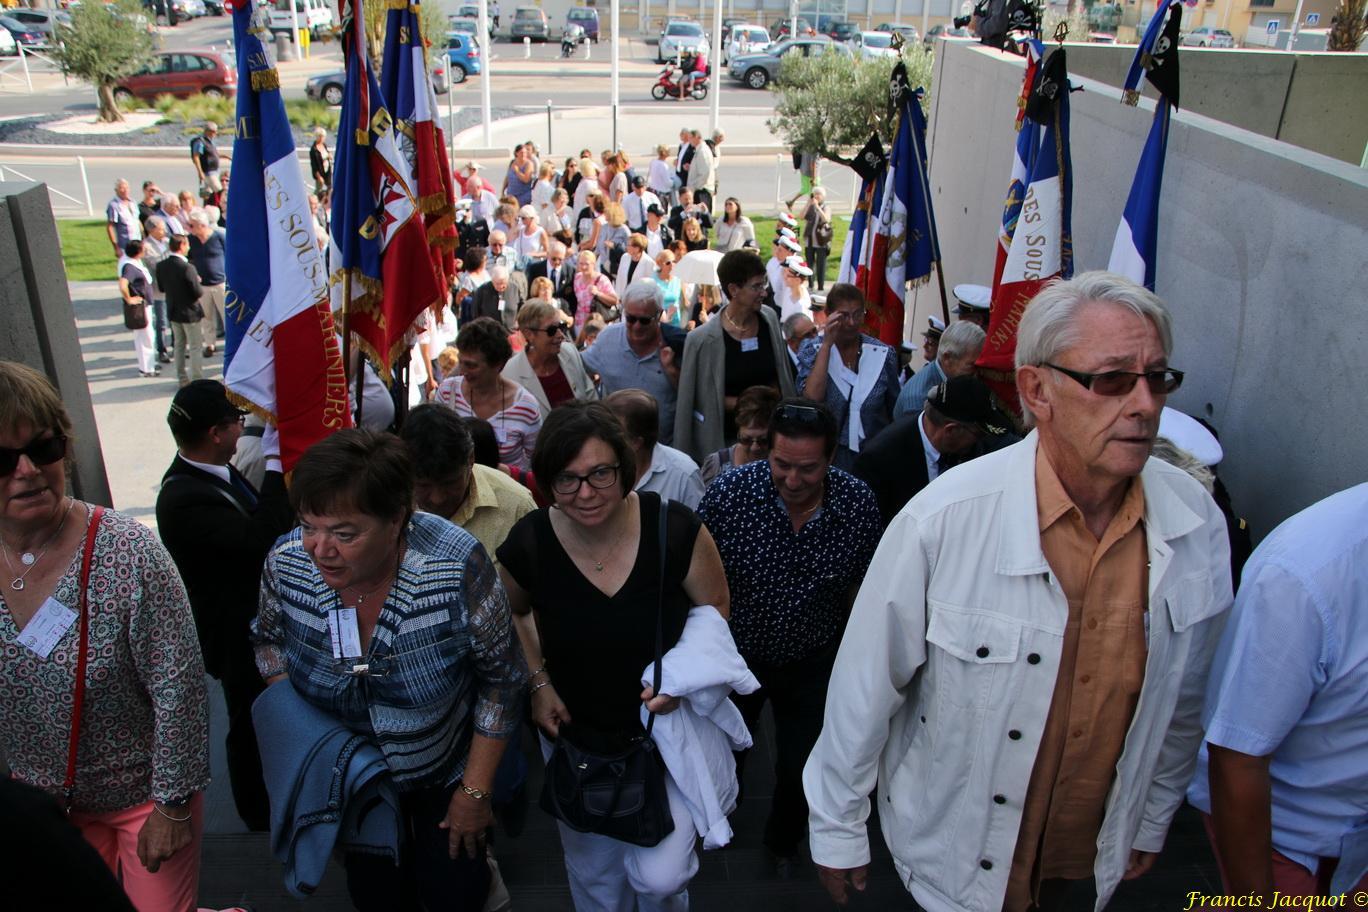 [ Associations anciens Marins ] 65 ème Congrès de l'AGSM 2016 au Grau du Roi 8857395325